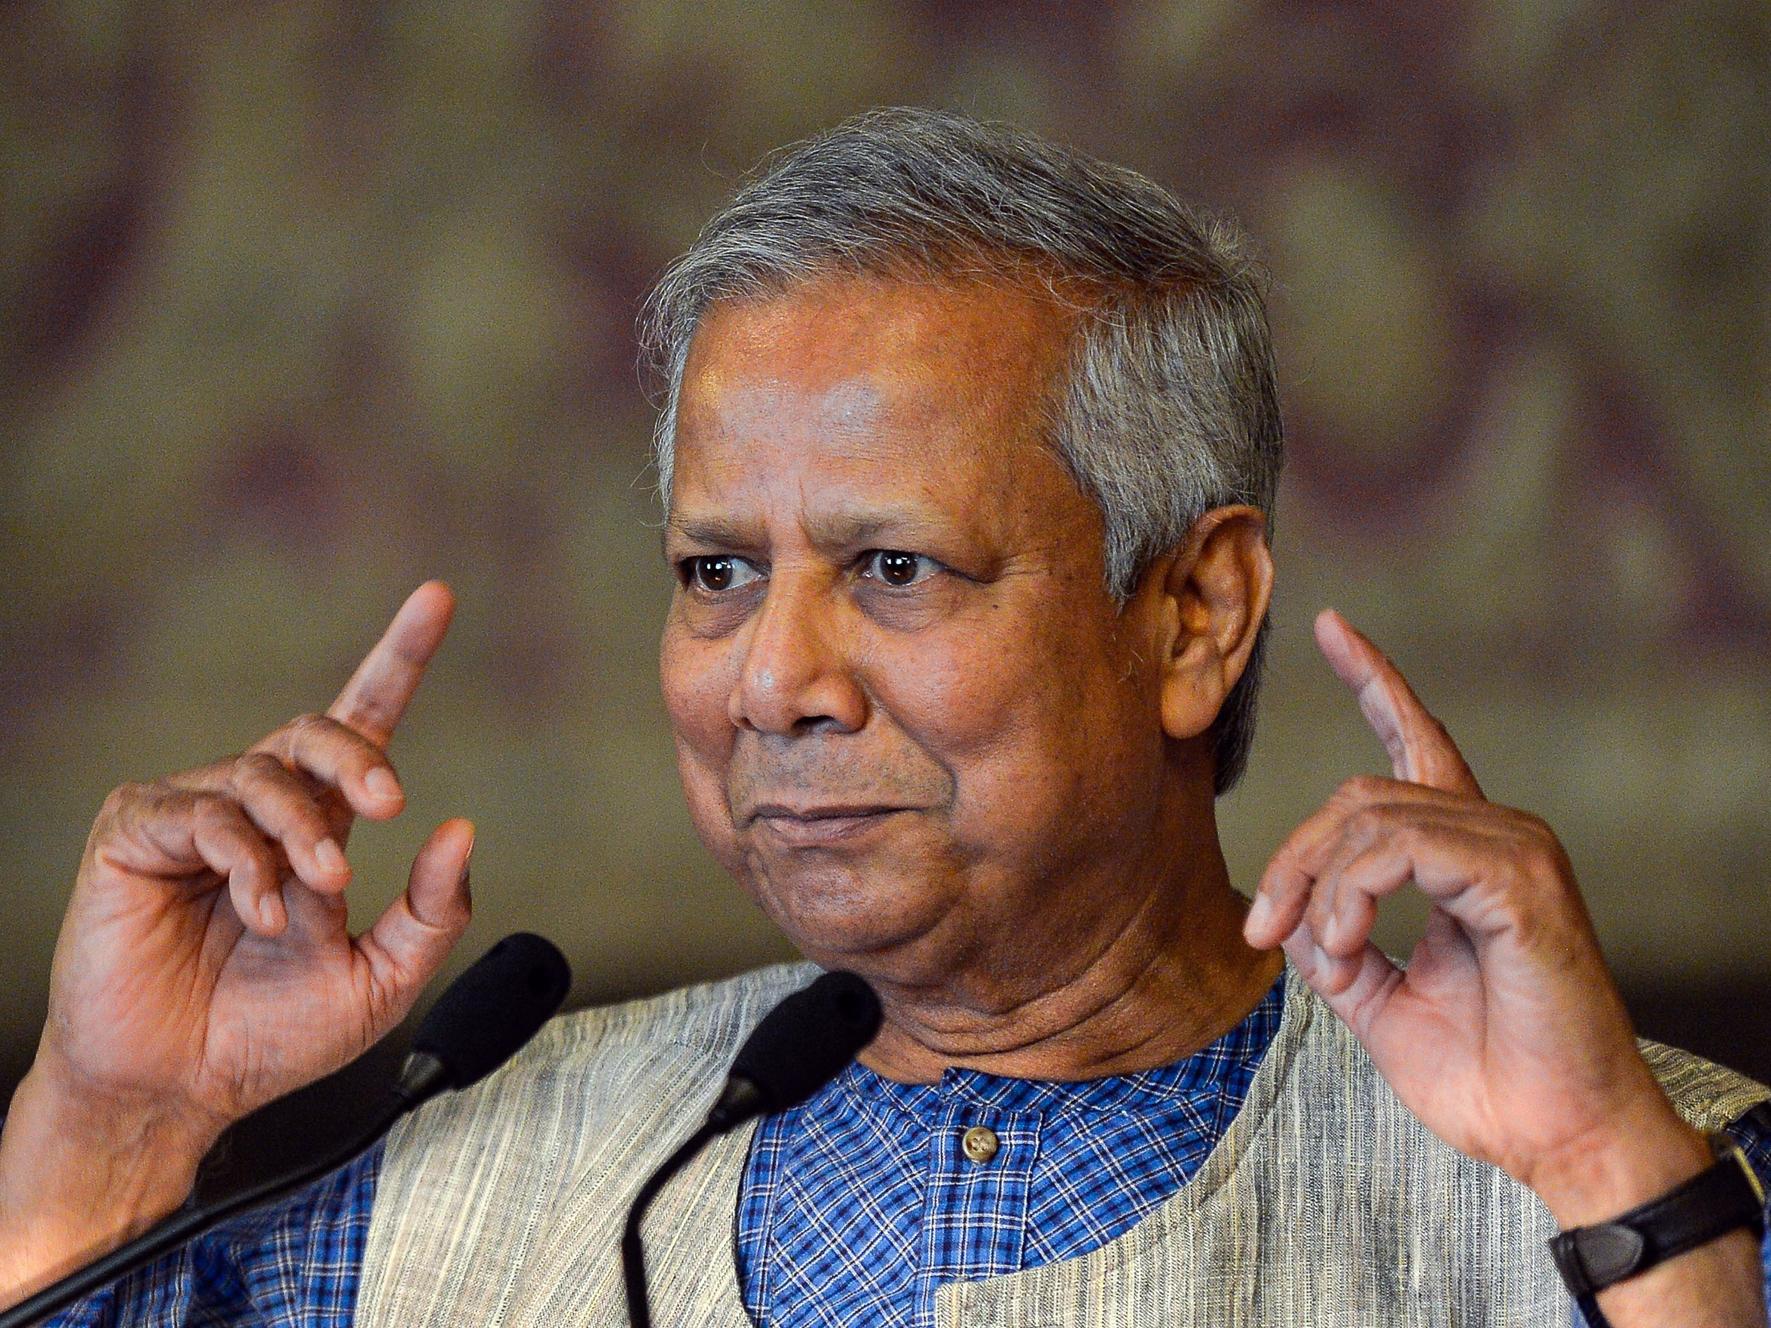 Q&A with Muhammad Yunus